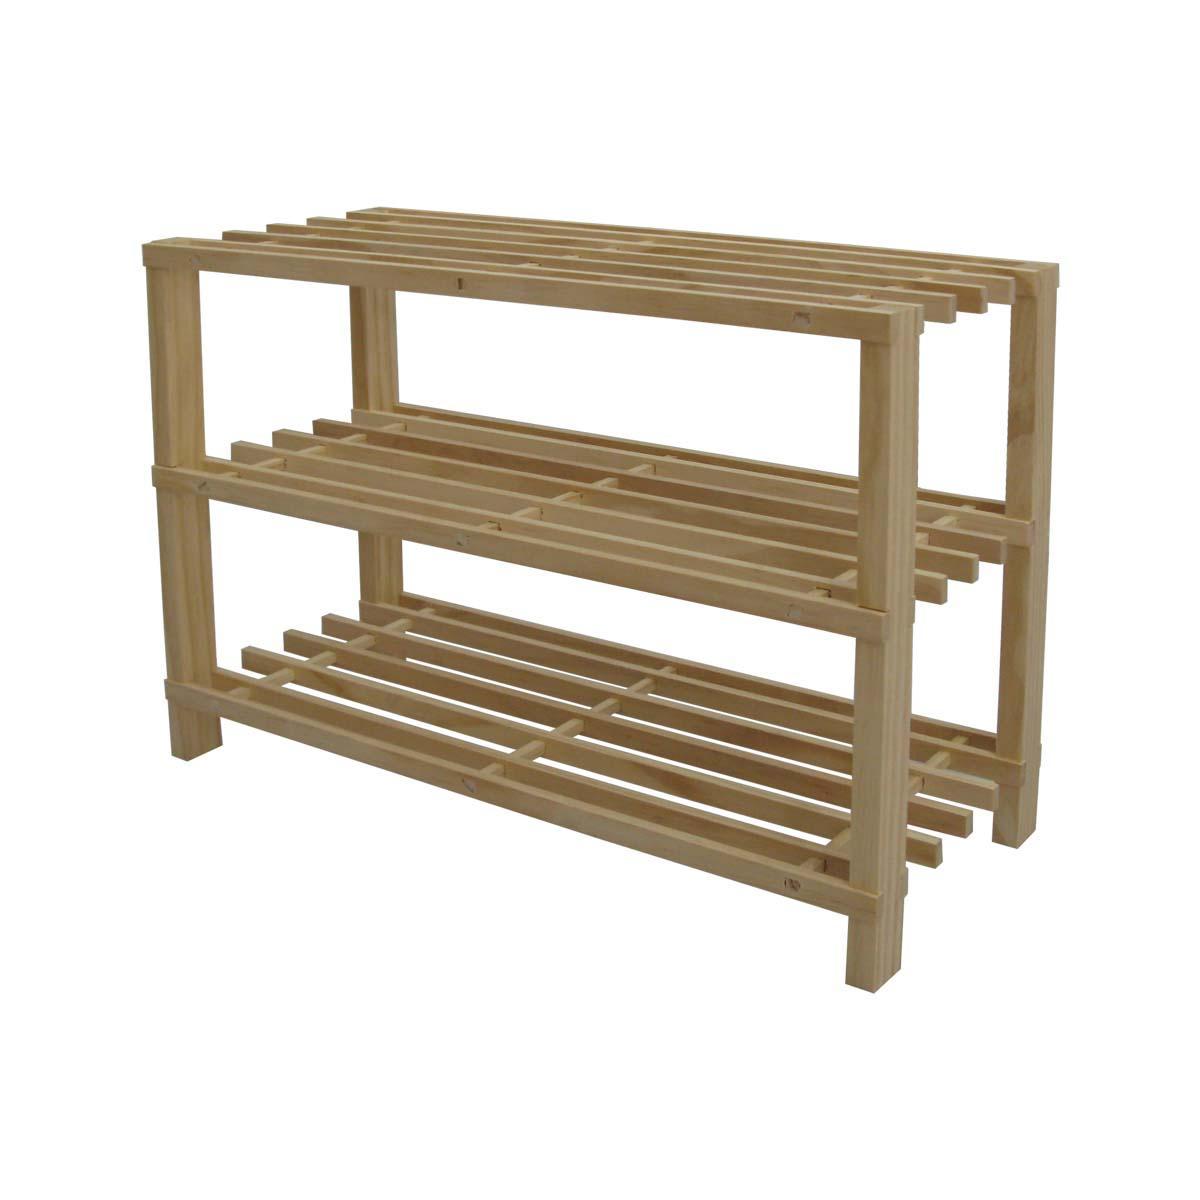 宜哉 木质工艺支架结构松木拆装简约现代 xr1.3鞋架